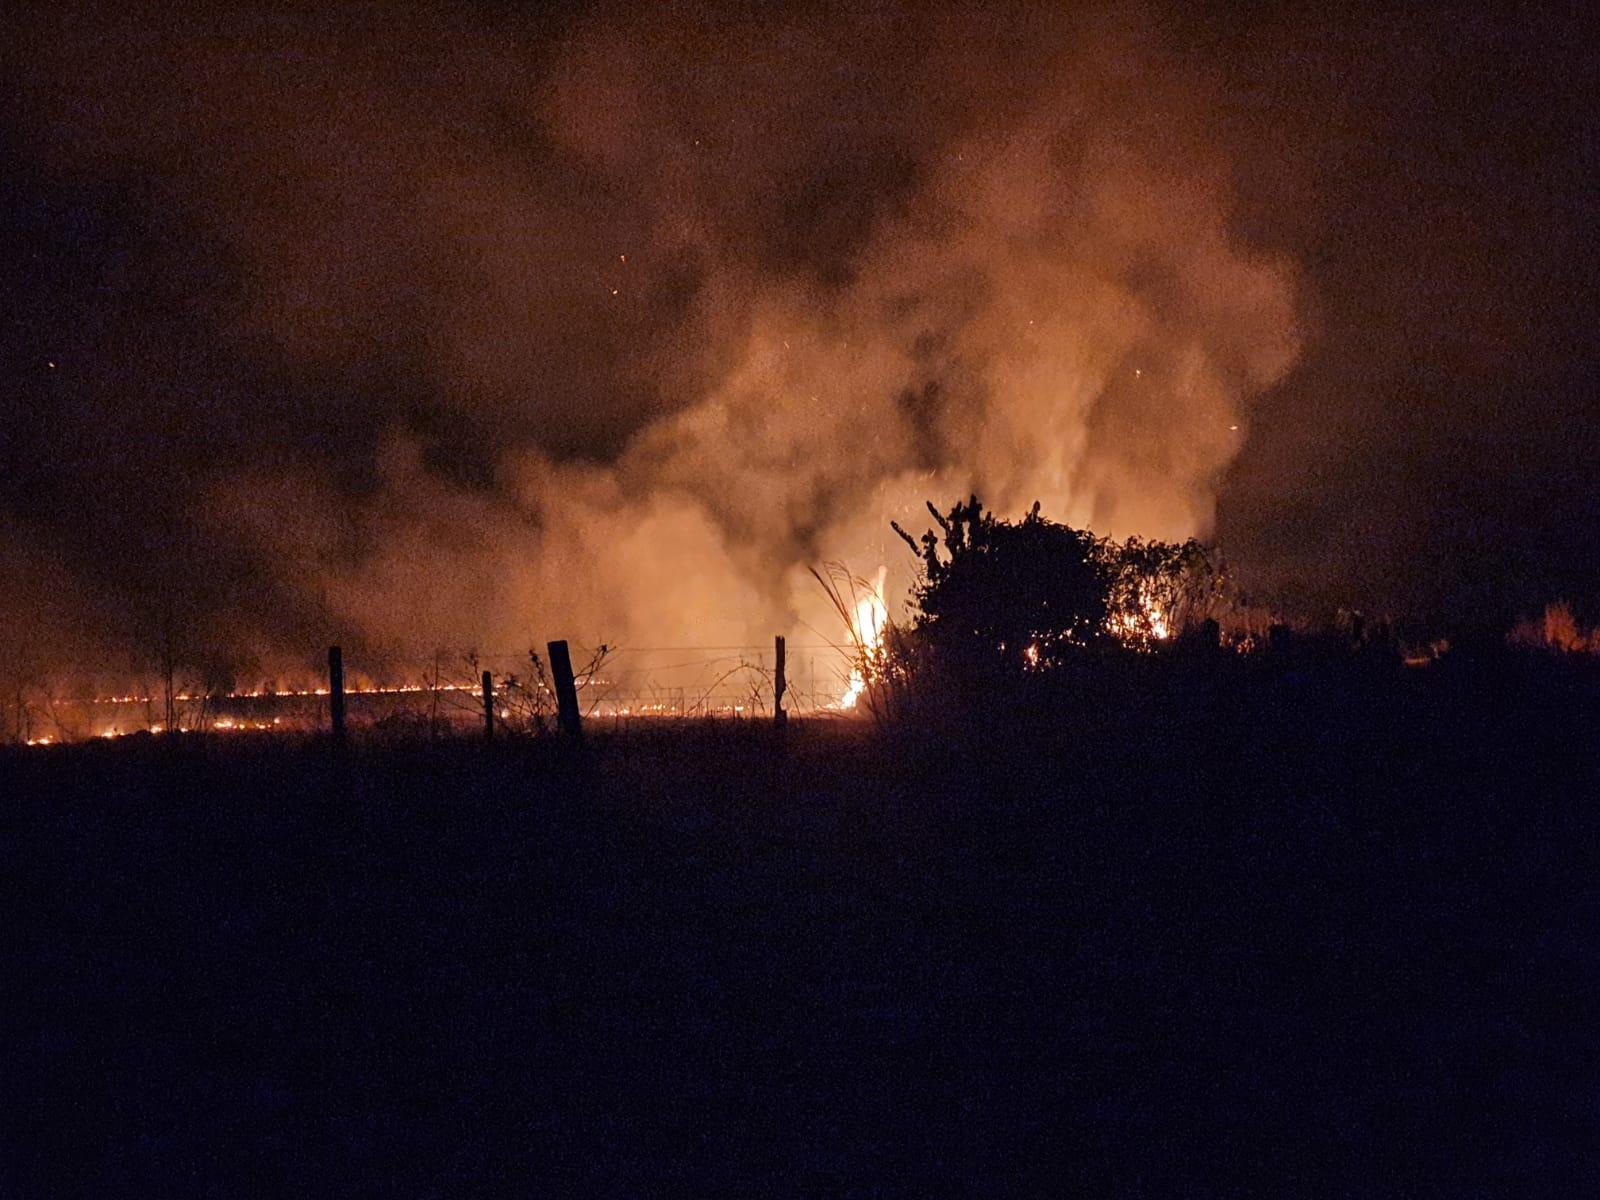 Foco de fogo na em propriedade rural. O incêndio atravessou um quarteirão de propriedades rurais, queimando dia e noite. (Foto: Hugo Dan)